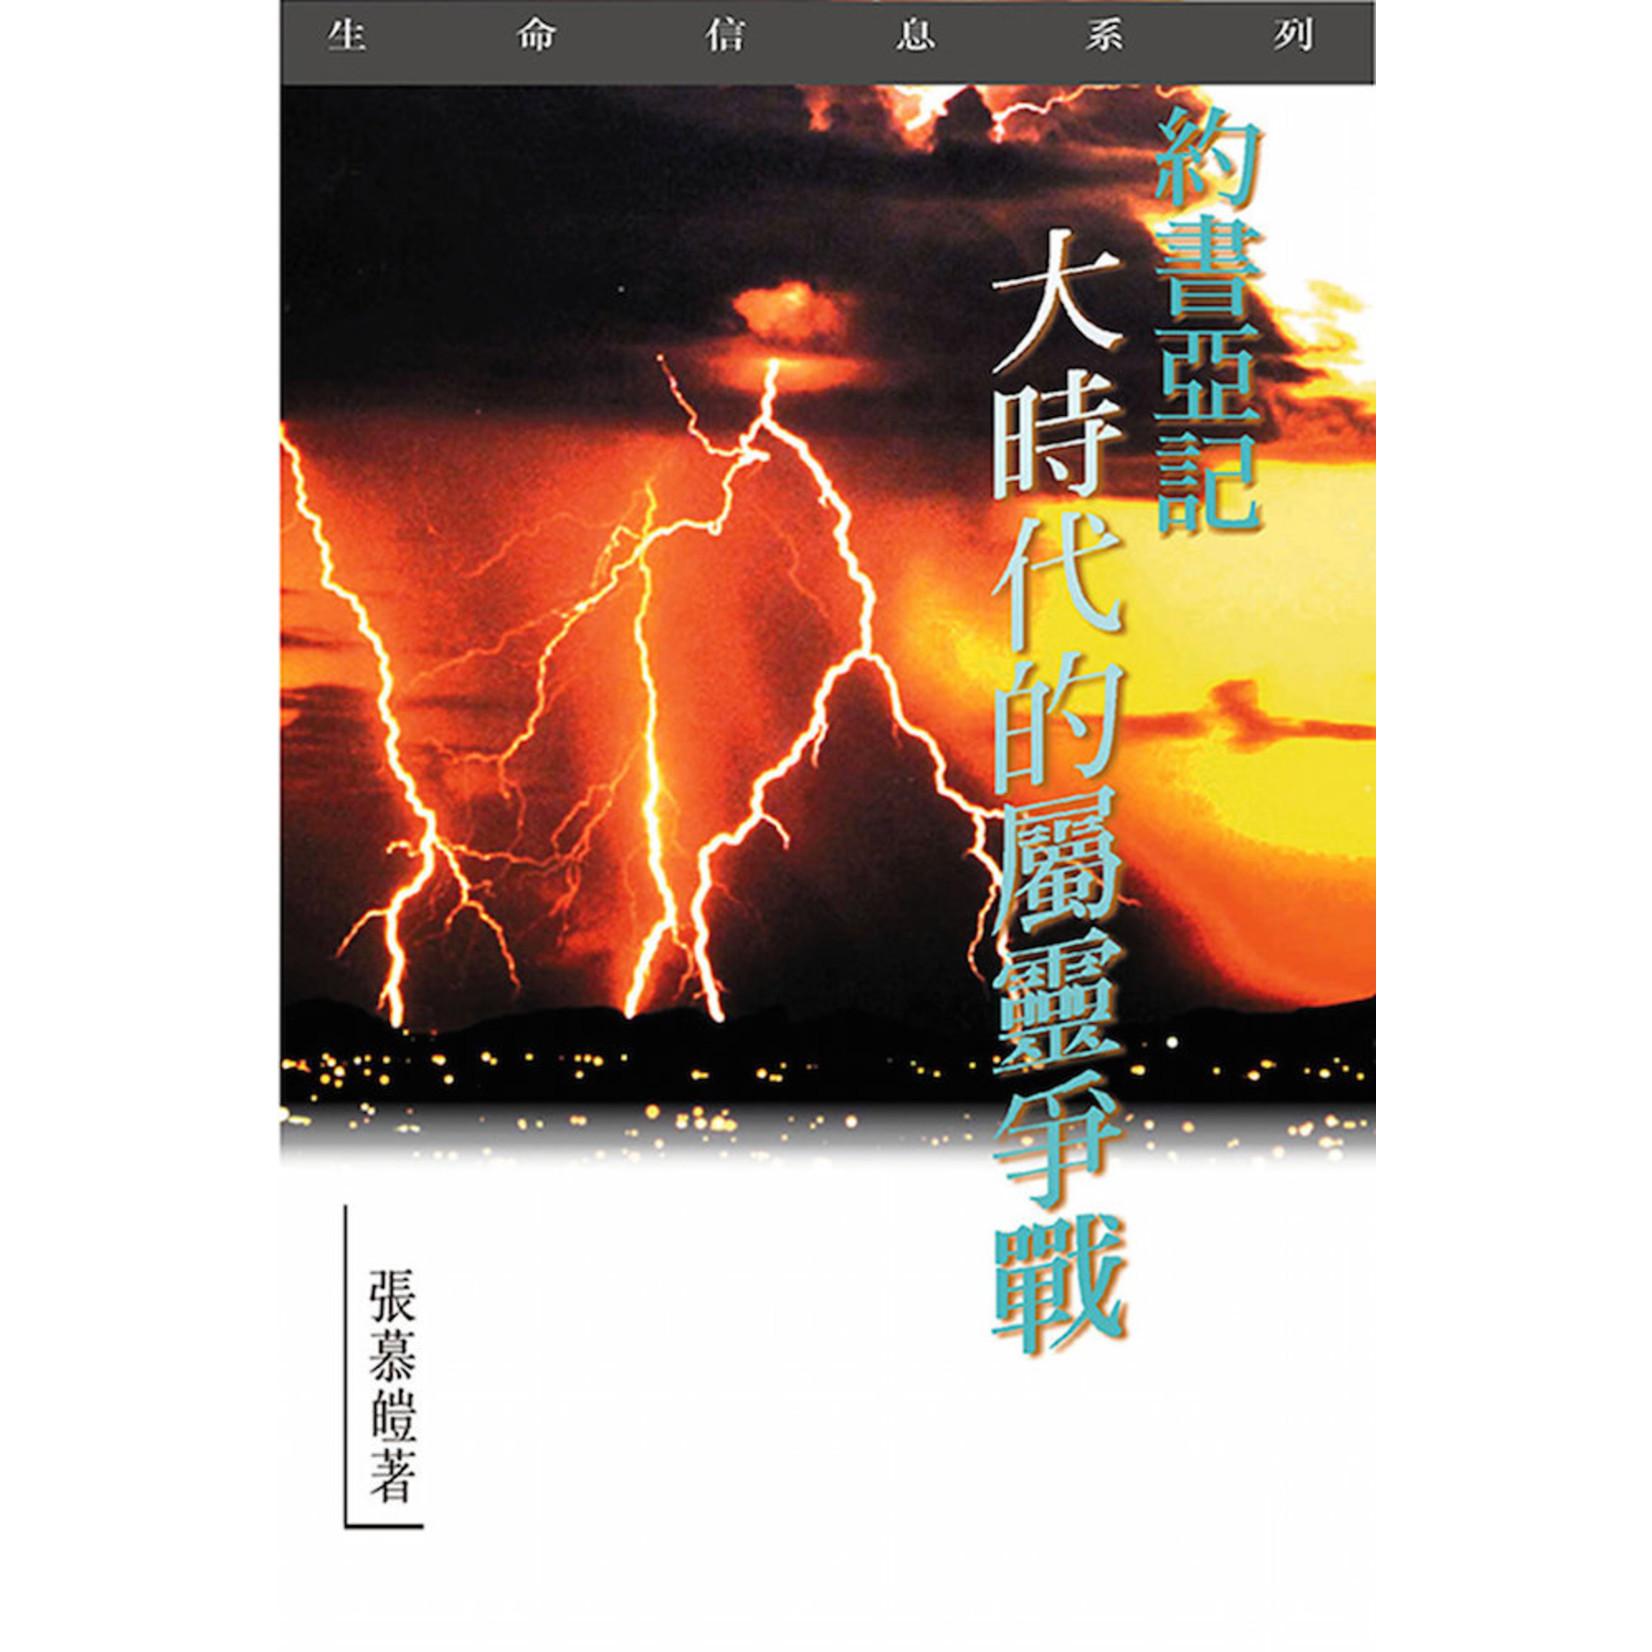 天道書樓 Tien Dao Publishing House 約書亞記:大時代的屬靈爭戰